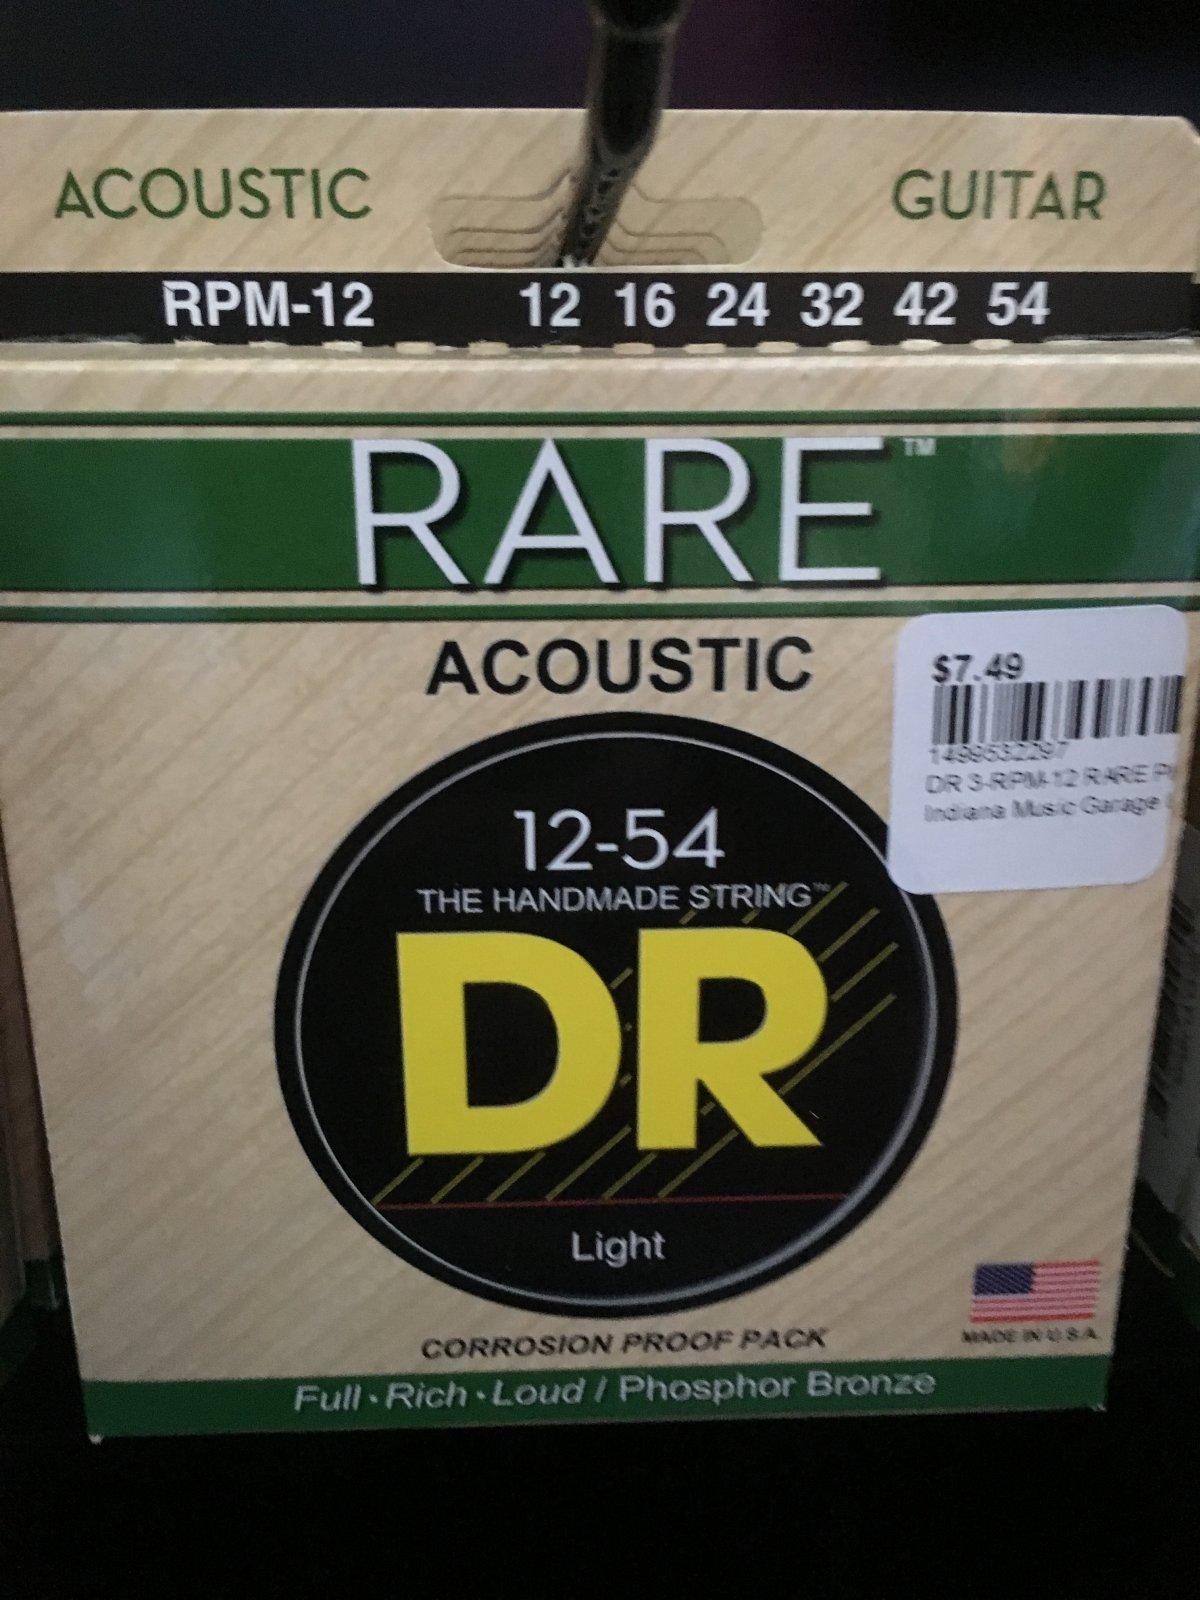 DR  RPM-12 RARE PHOS BRONZE STRINGS